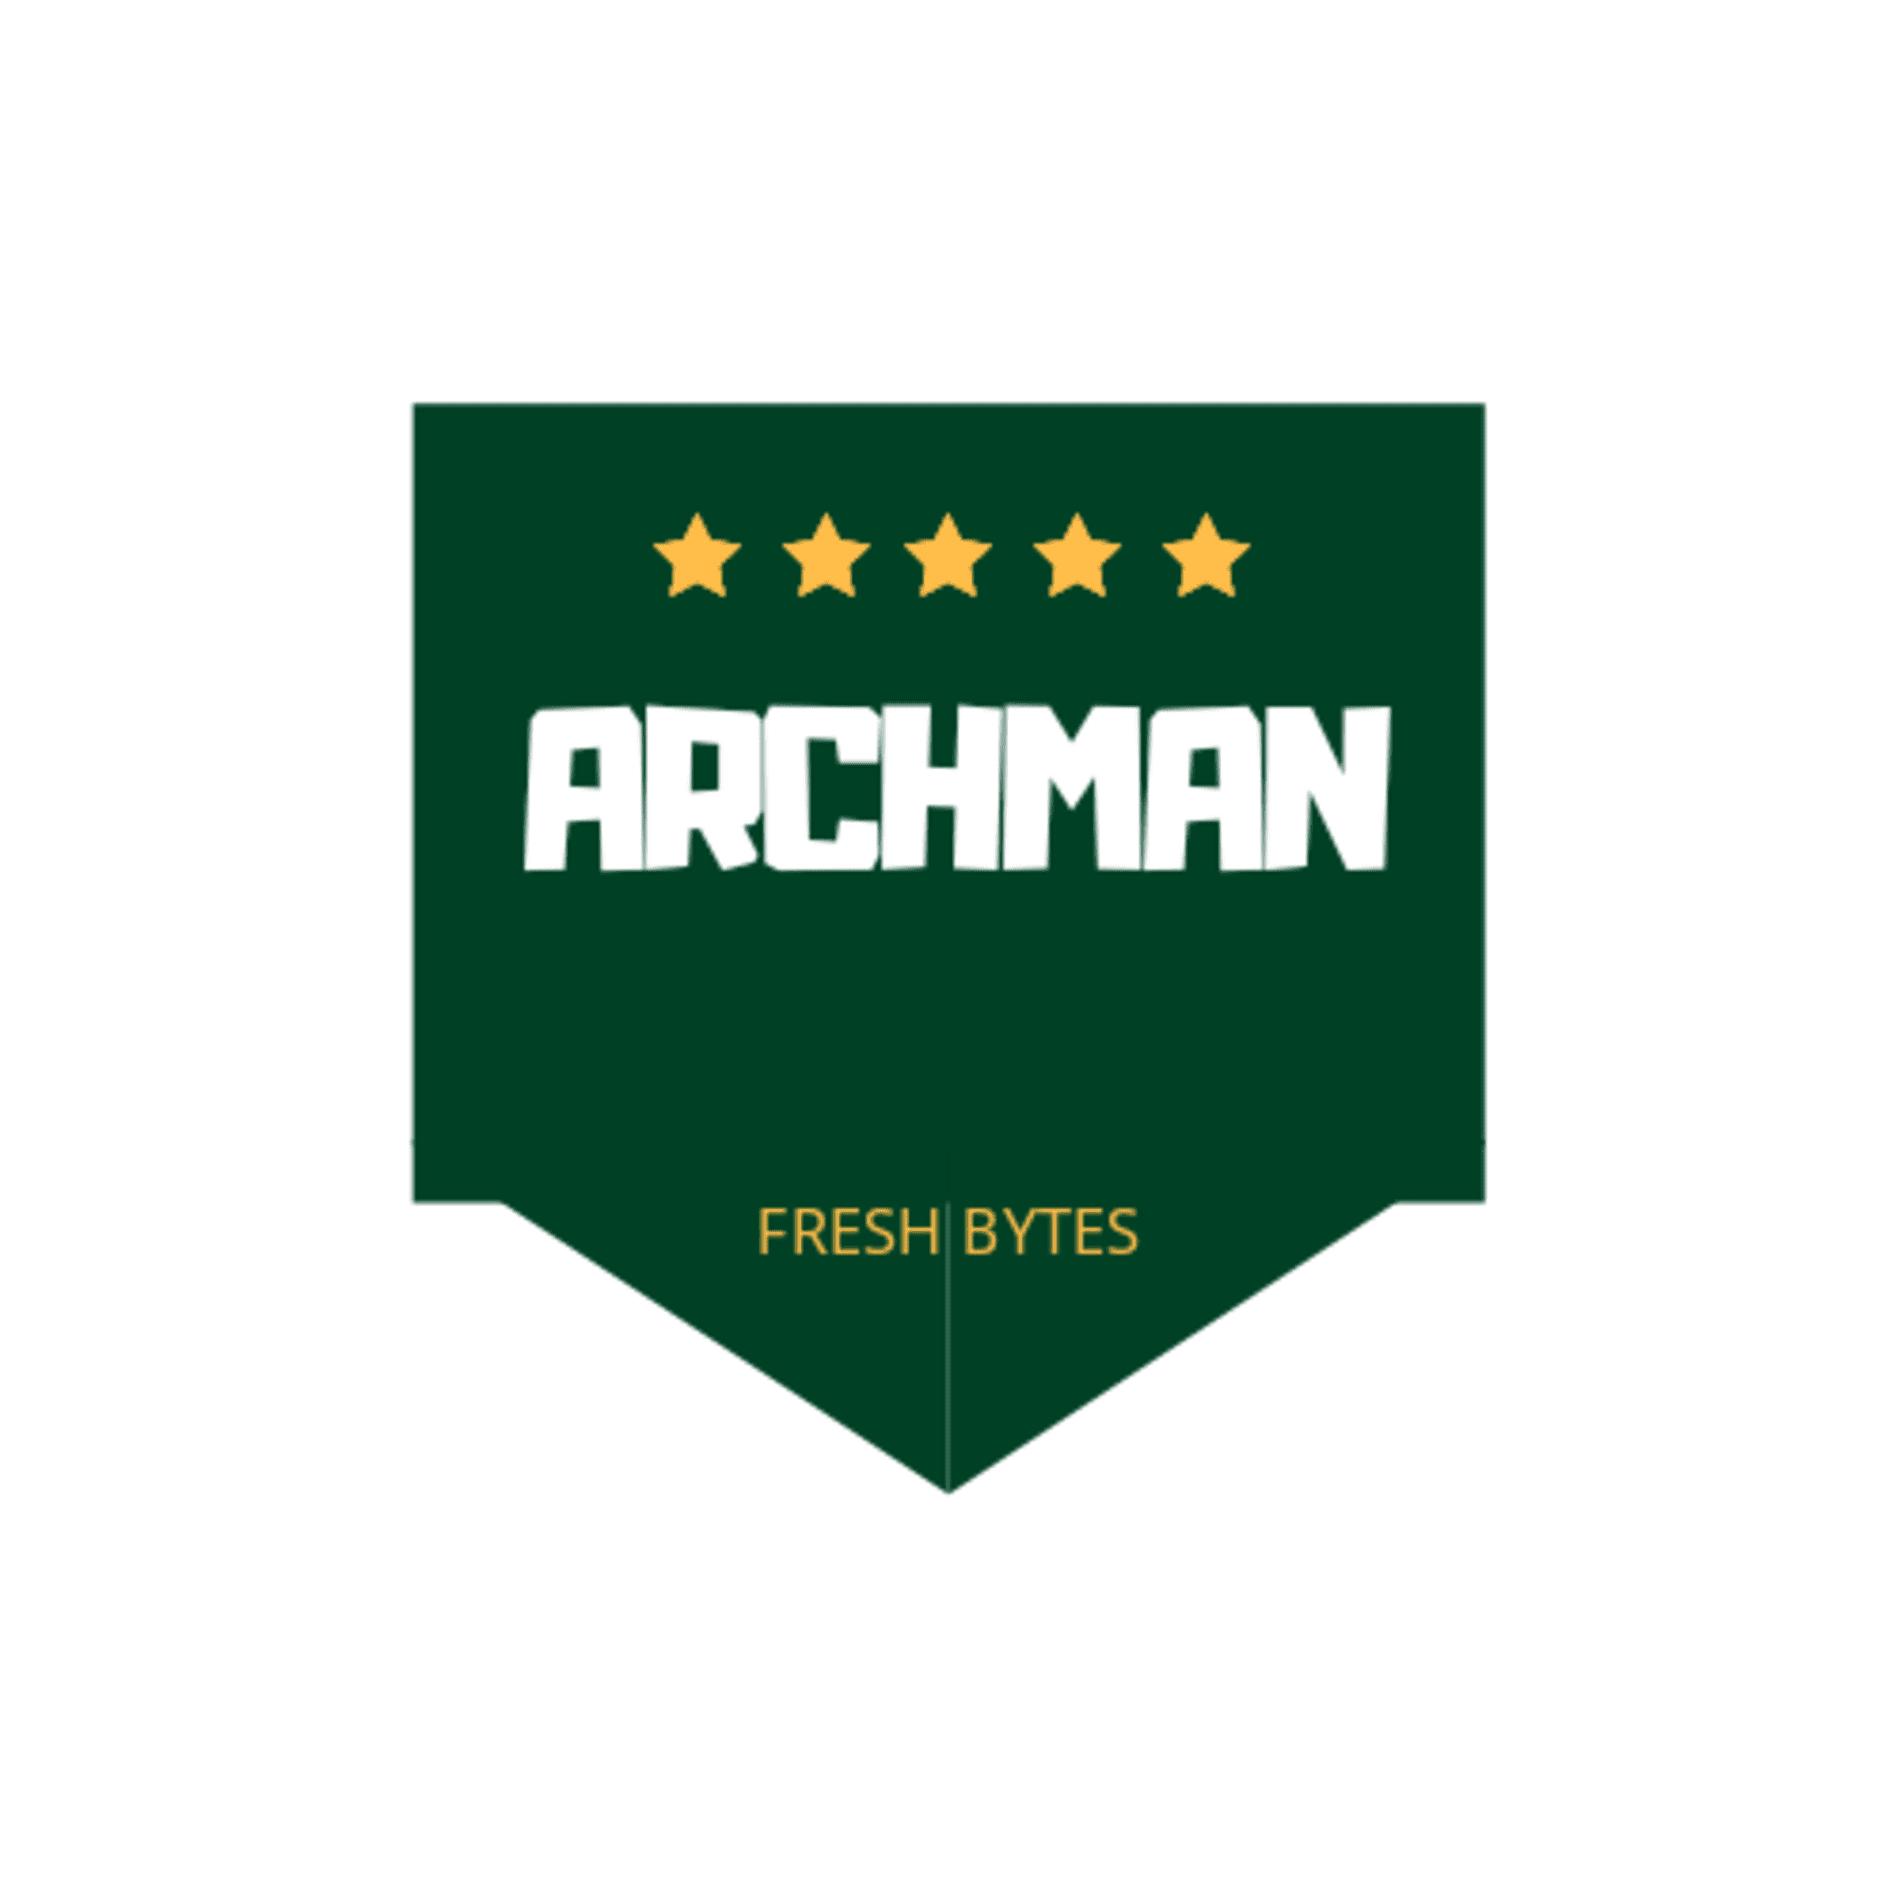 Archman Enterprises